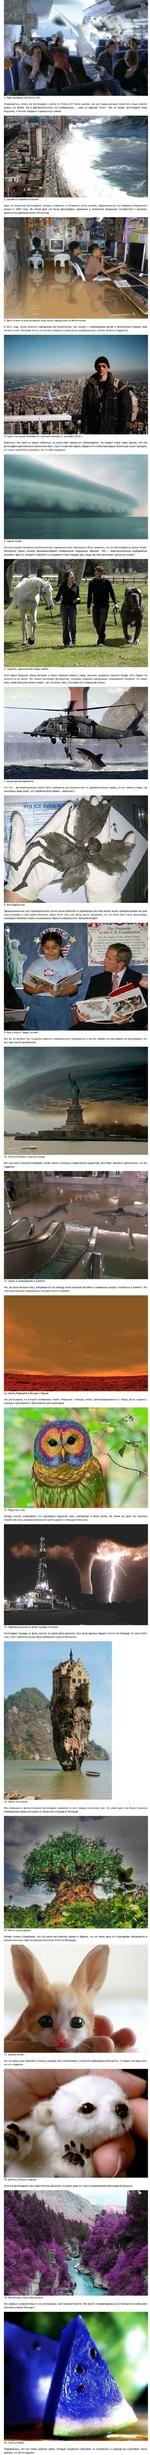 1. Рейс компании Air France 447. Утверждалось, чтобы эта фотография с рейса Air France 447 была сделана как раз перед роковым моментом, когда самолет рухнул на Землю, но в действительности это изображение - кадр из сериала «Lost». Тем не менее, фотография стала вирусной, и многие поверили в реальн